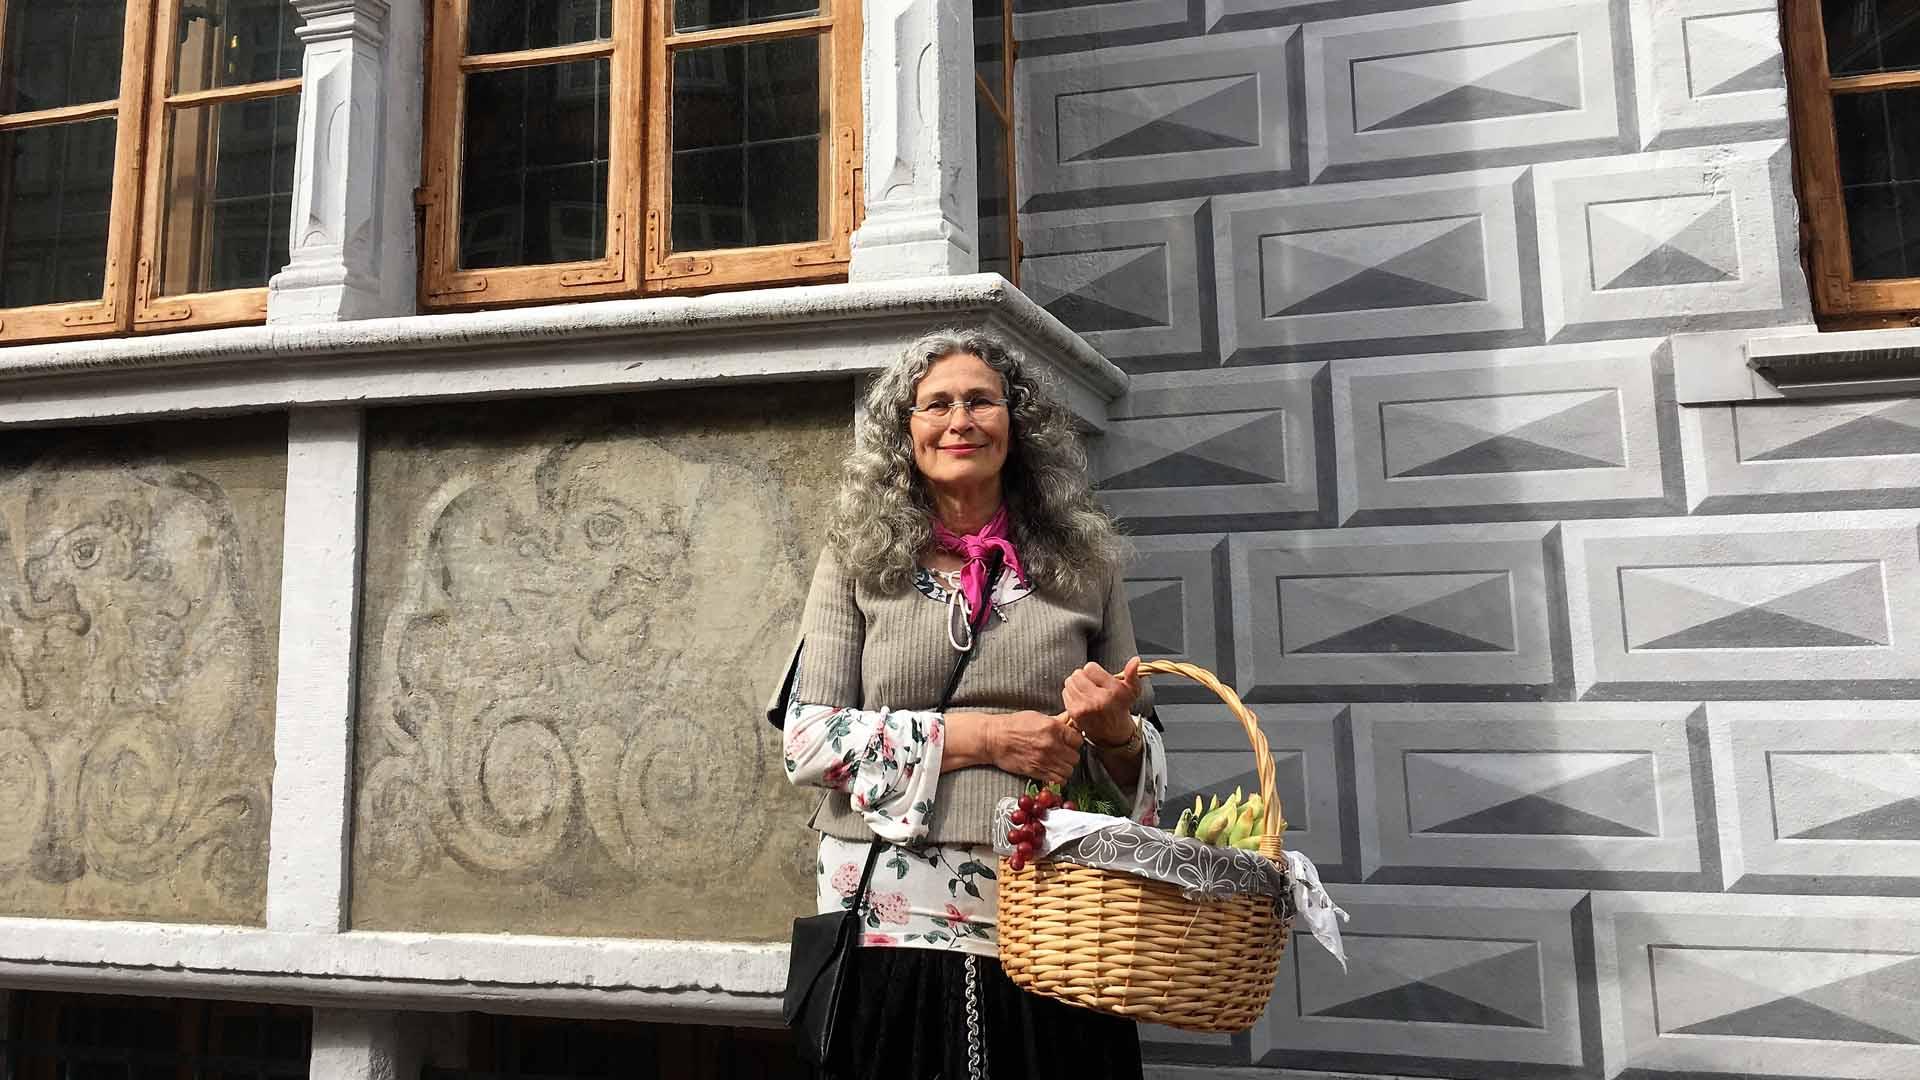 Kostümführung mit der Marktfrau